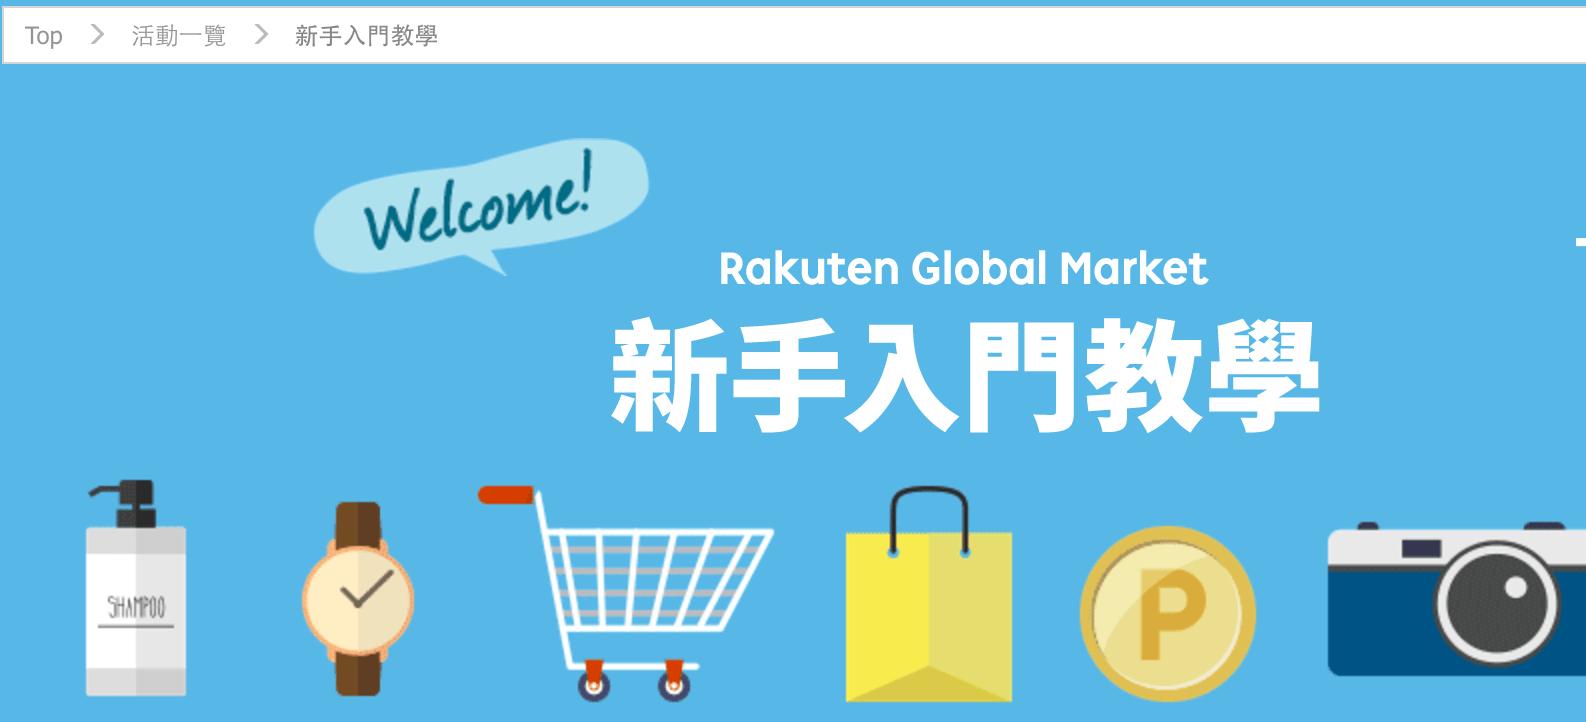 Rakuten Global Market 日本樂天 從註冊到下單教學文! | MadBuy